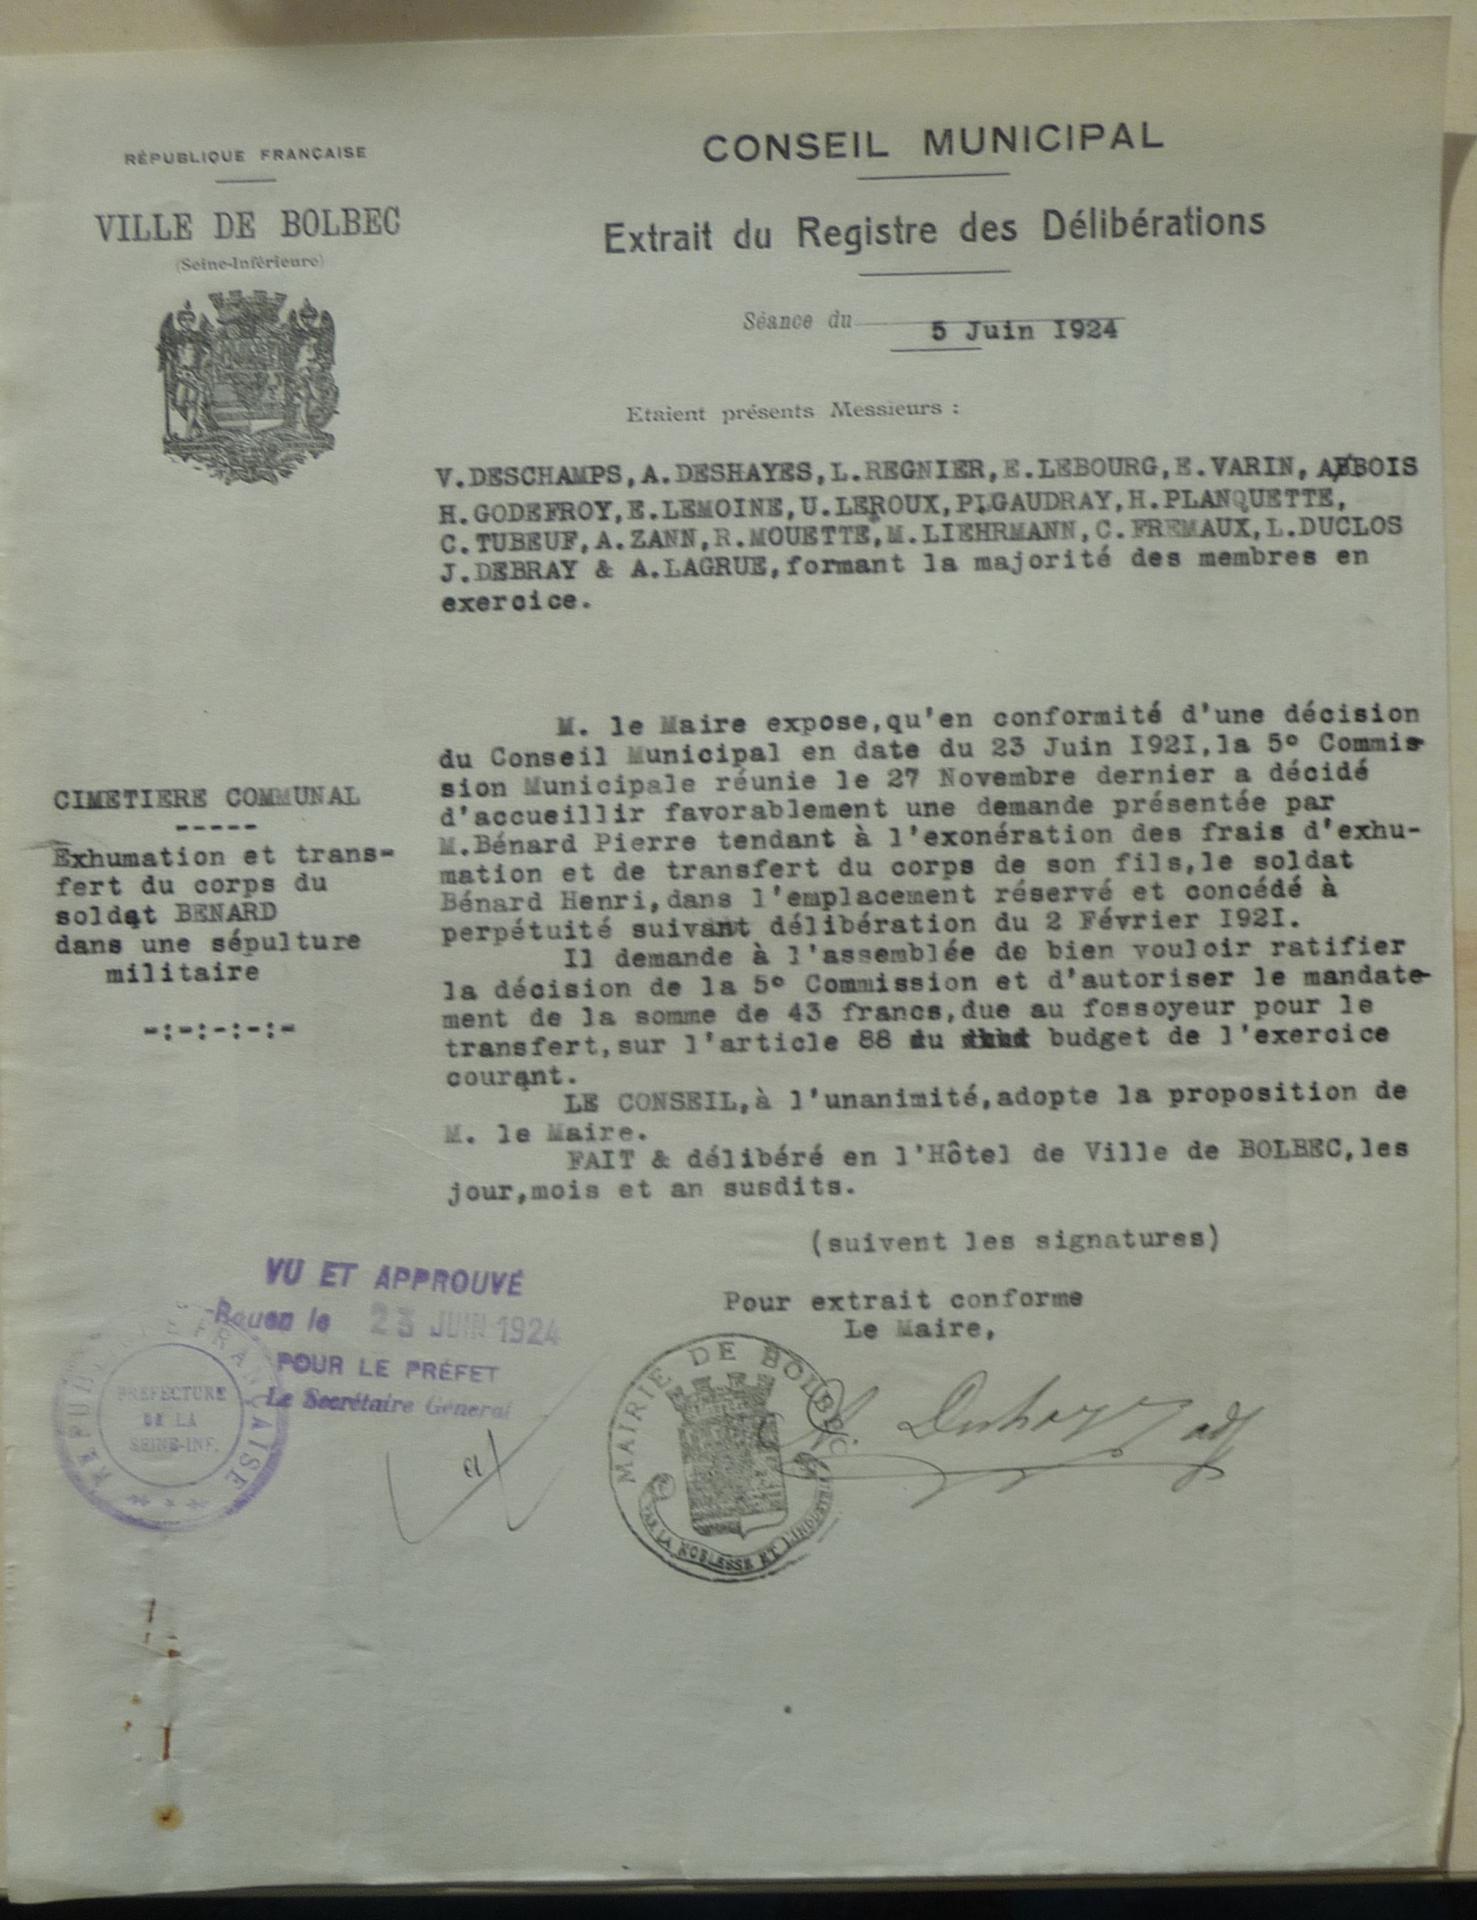 19240605 benard exoneration des frais